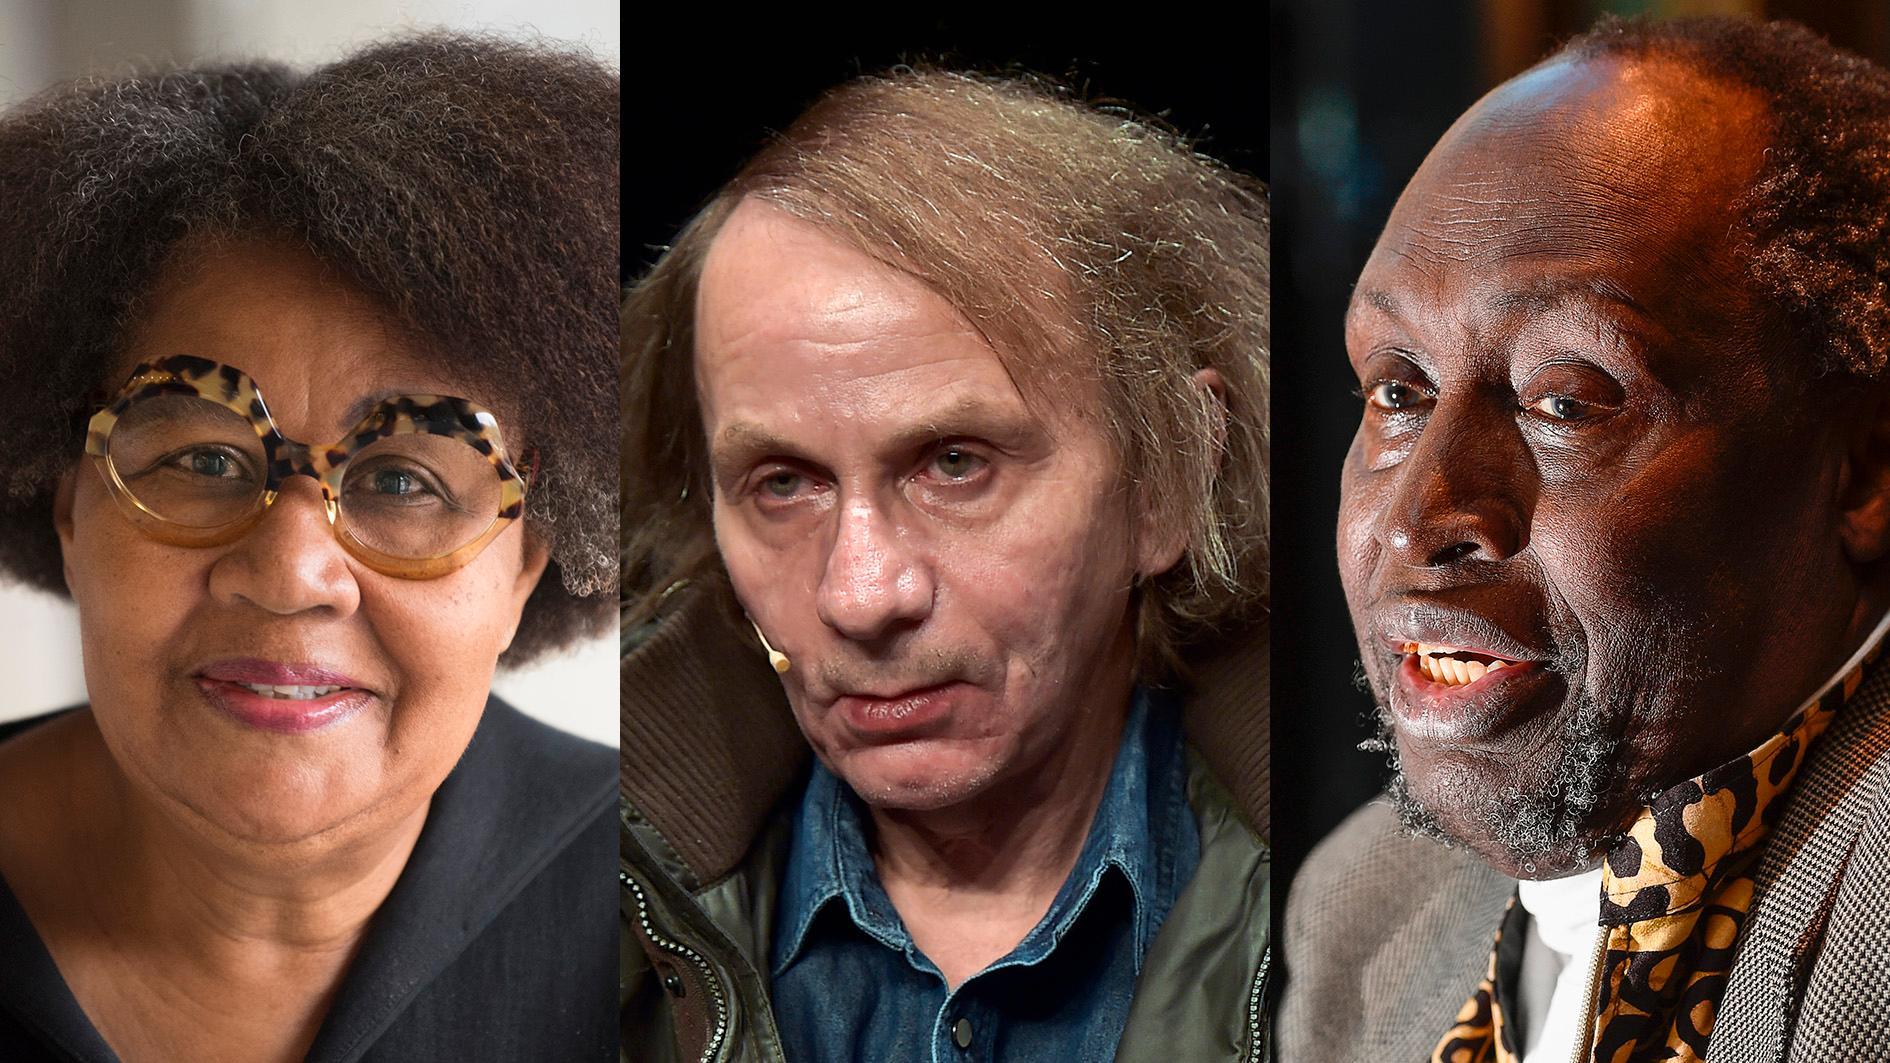 Jamaica Kincaid, Michel Houellebecq och Ngũgĩ wa Thiong'o är några av de författare som finns med i förhandsspekulationerna kring Nobelpriset i litteratur.